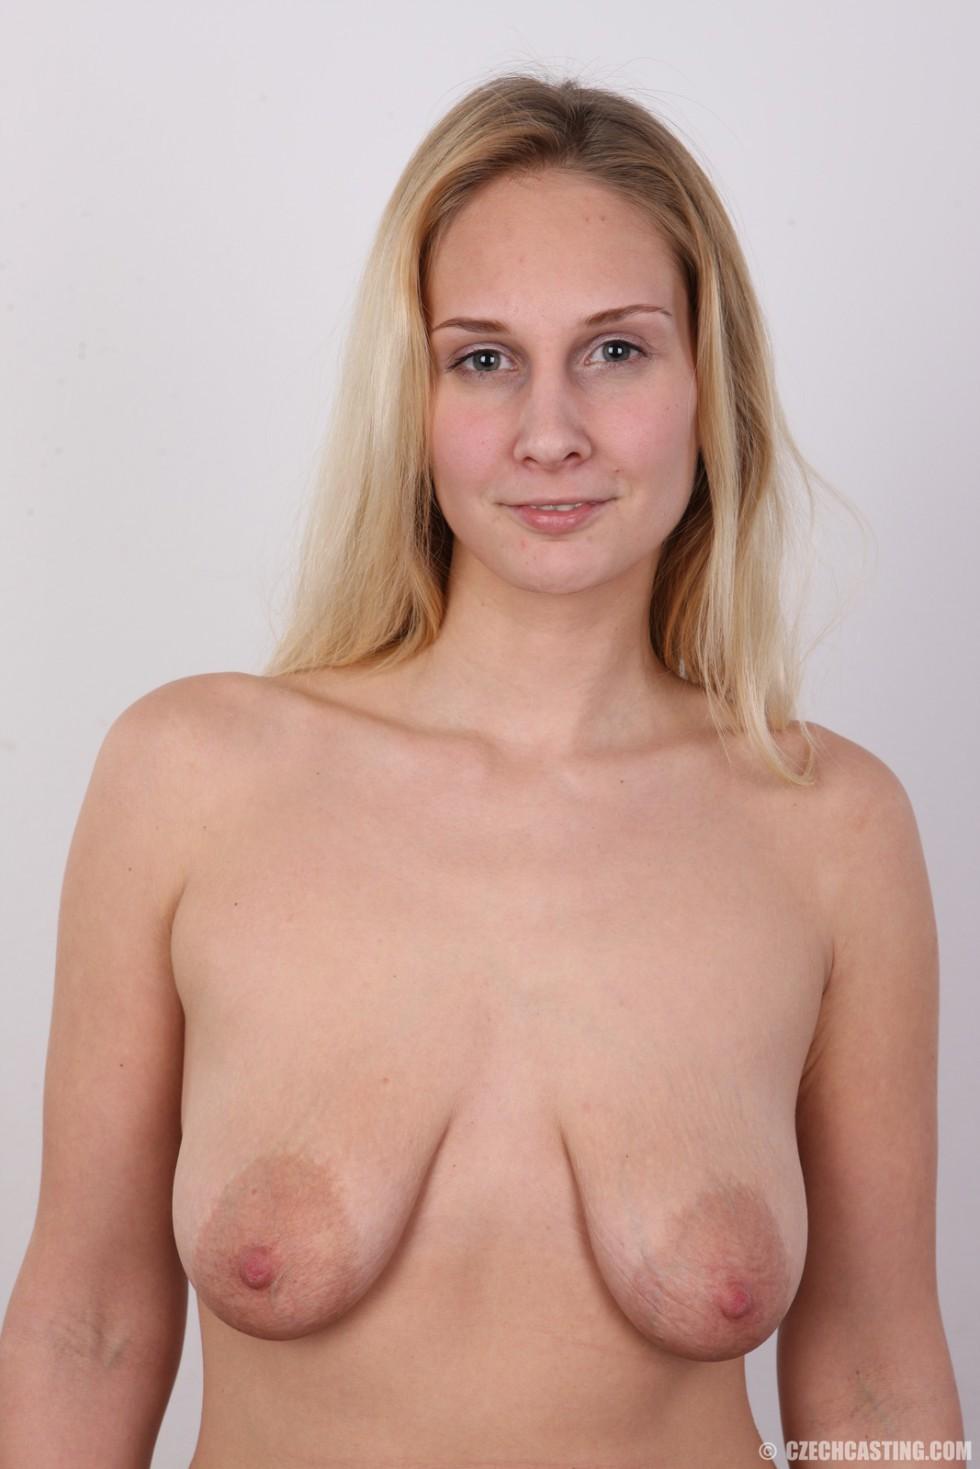 Big Saggy Tits Full Of Milk